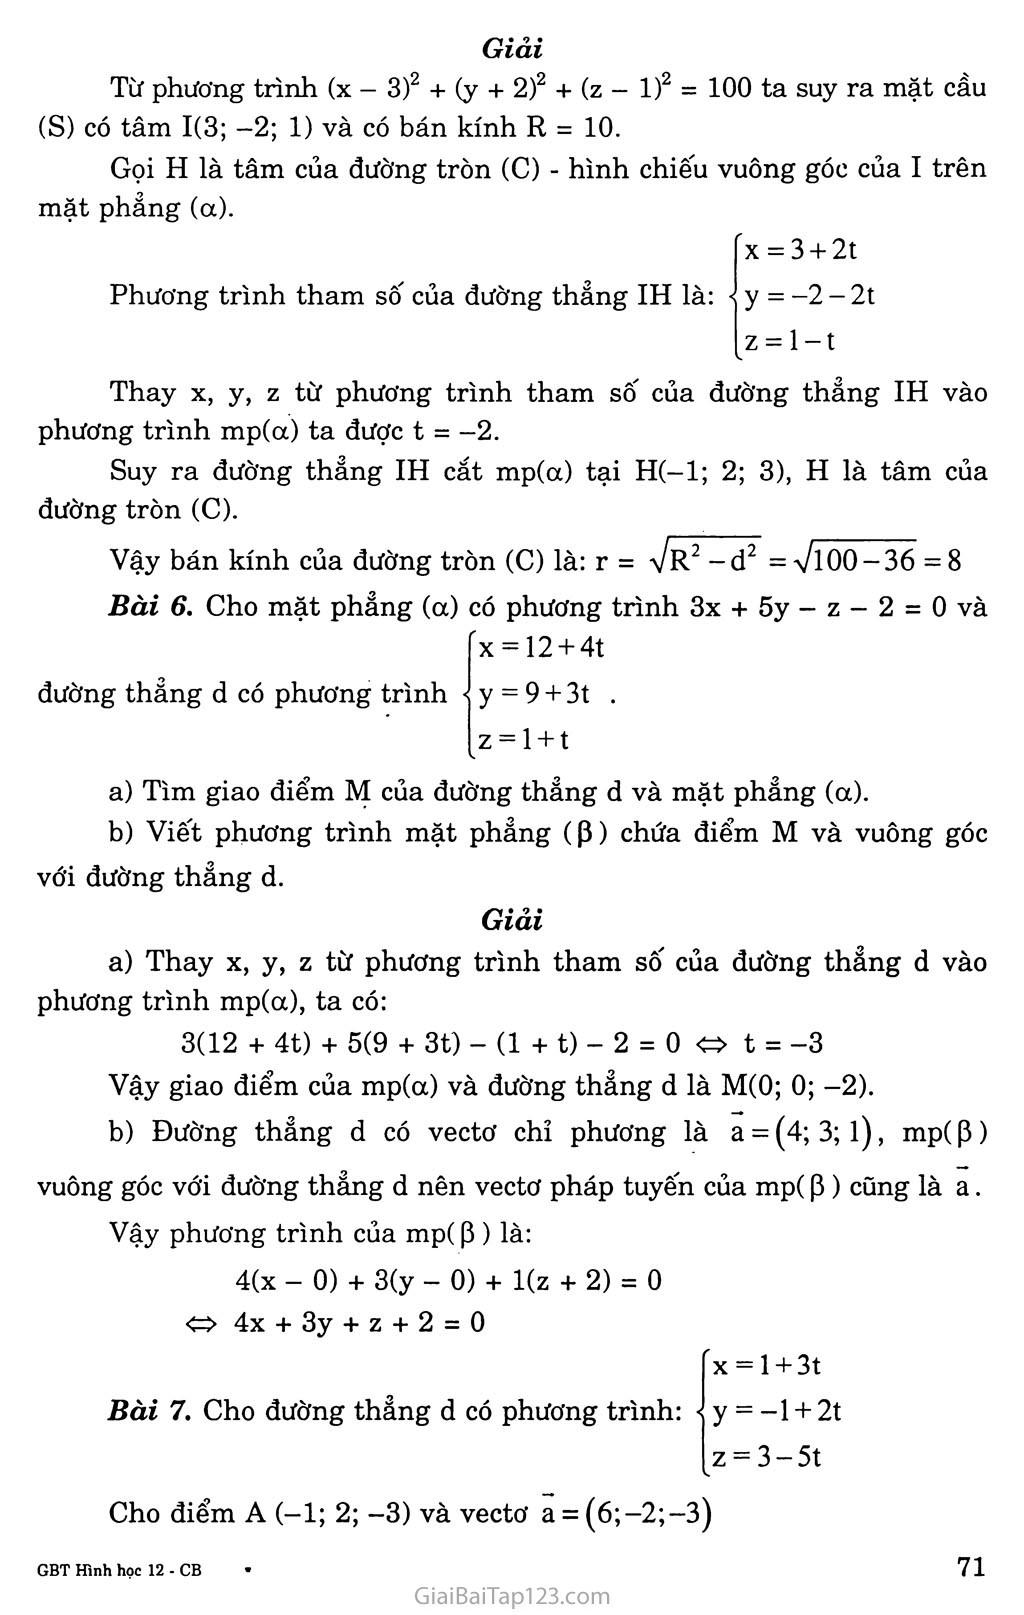 ÔN TẬP CHƯƠNG III trang 4